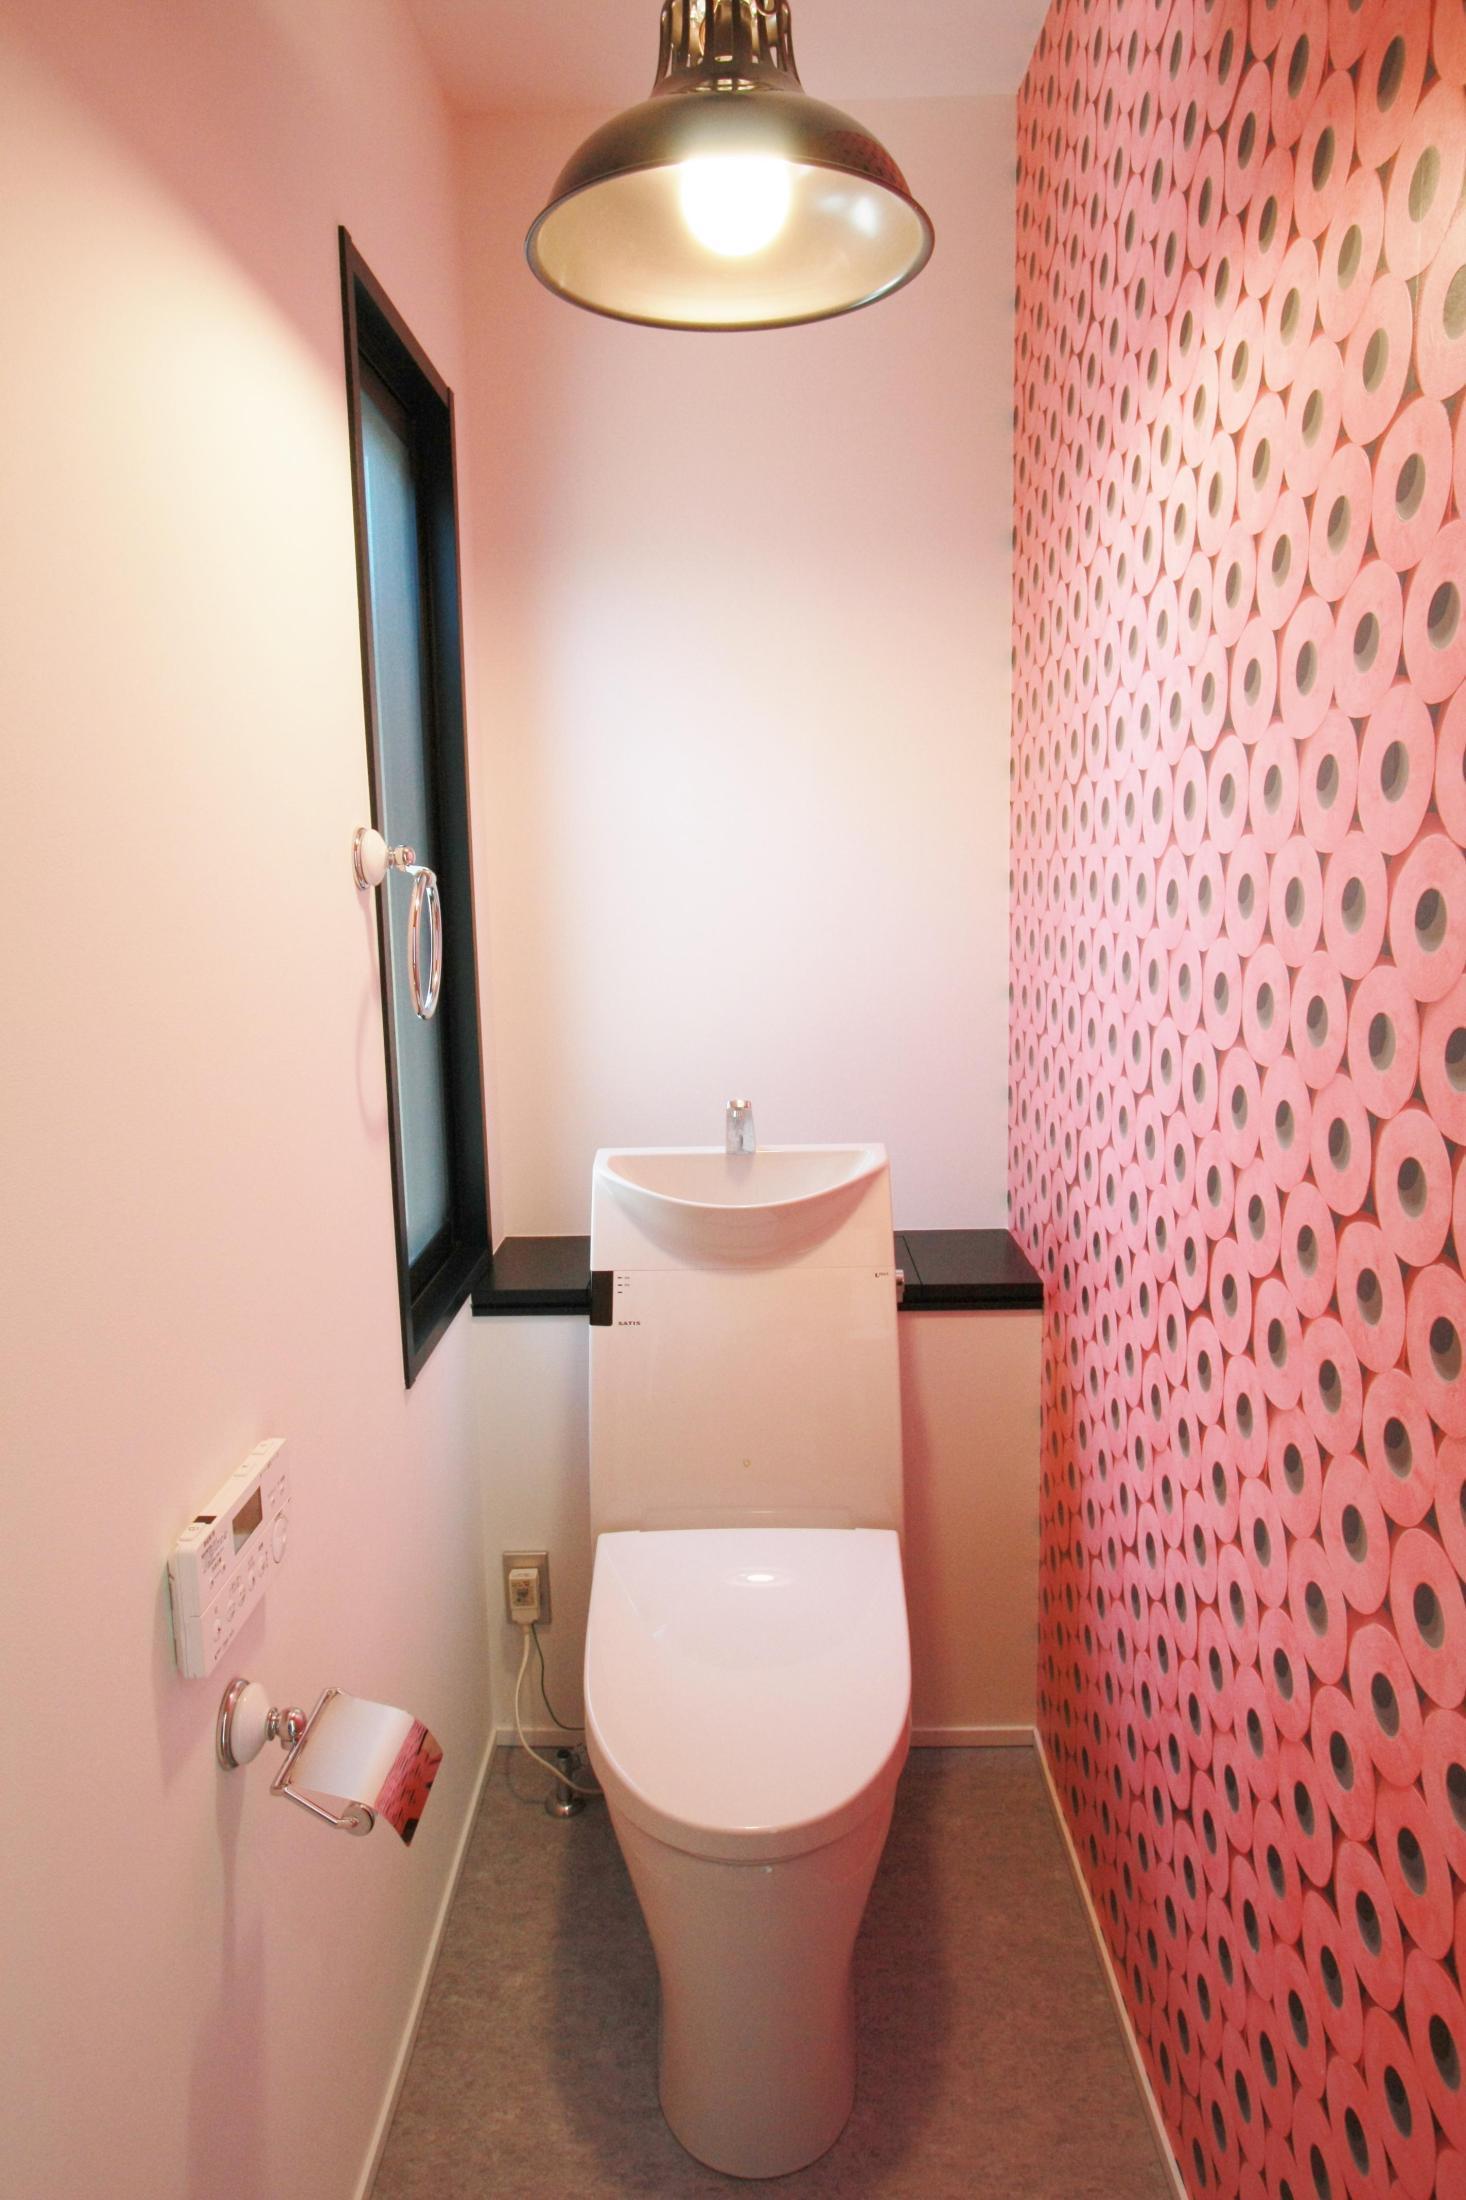 みんなの家のおしゃれなトイレ画像30選 壁紙 タイル 自慢したくなる空間まで Yahoo 不動産おうちマガジン